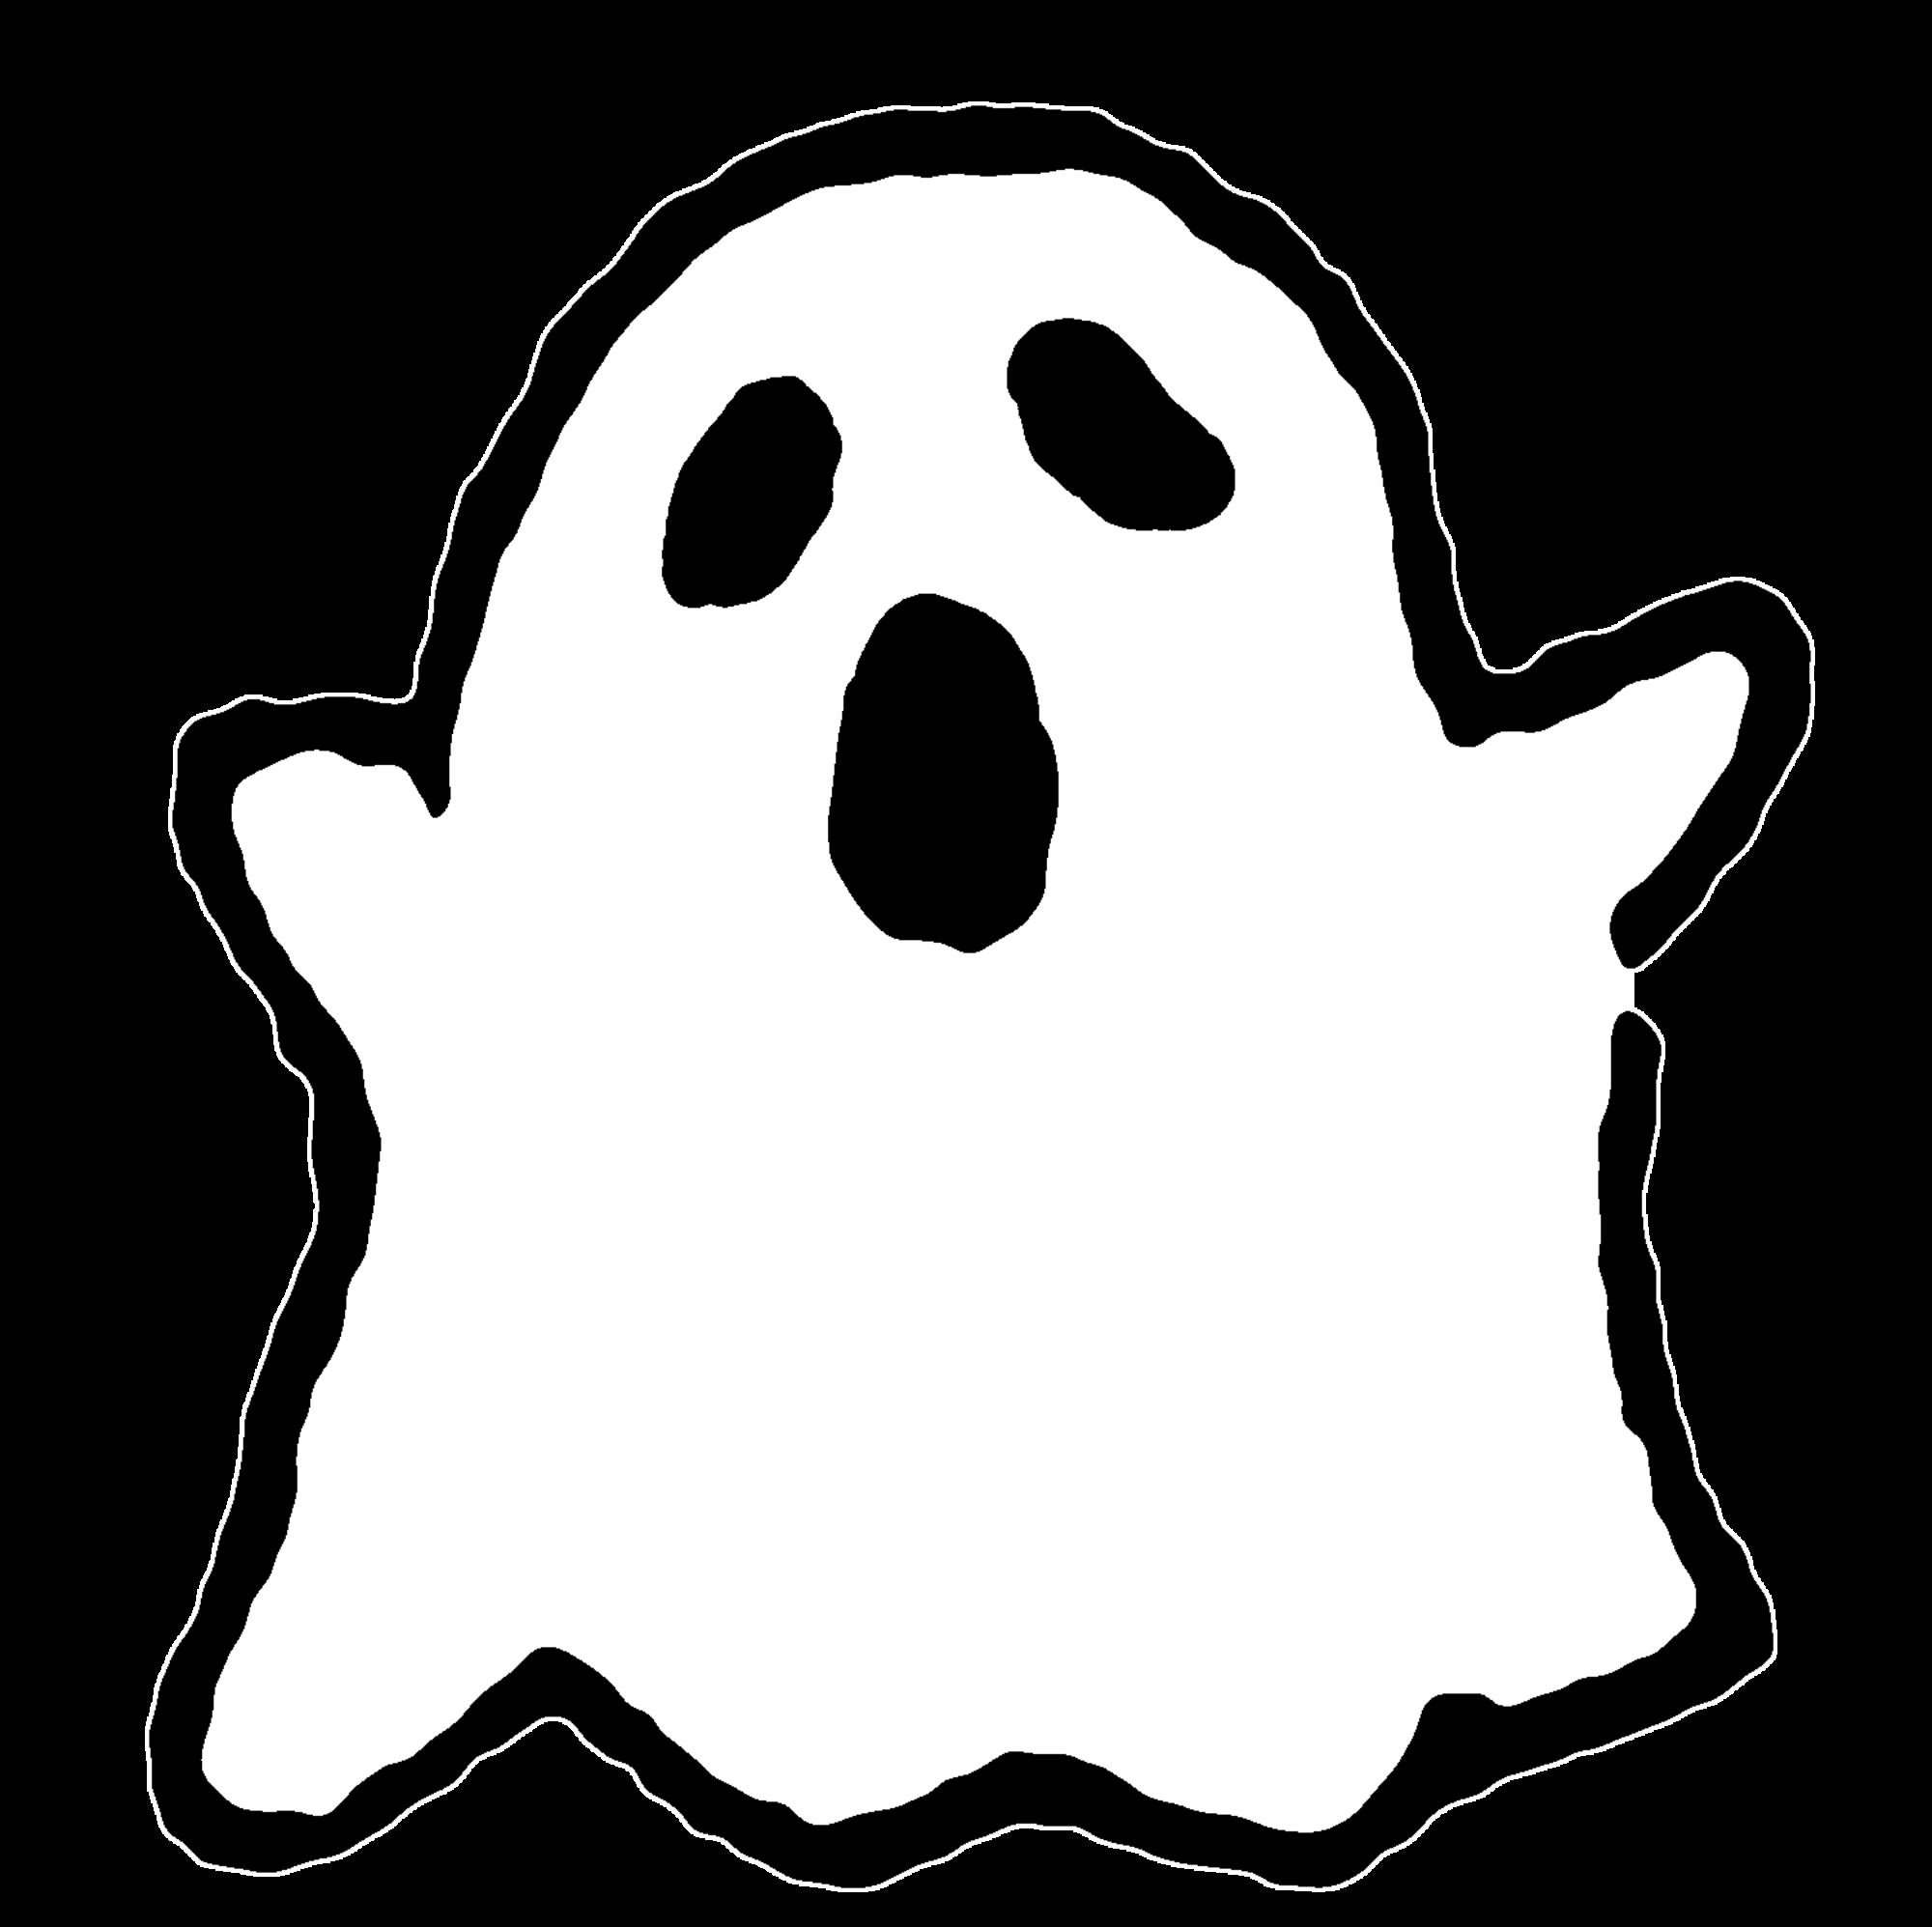 布のおばけ(2種)のイラスト / Cloth ghosts (2 types) Illustration